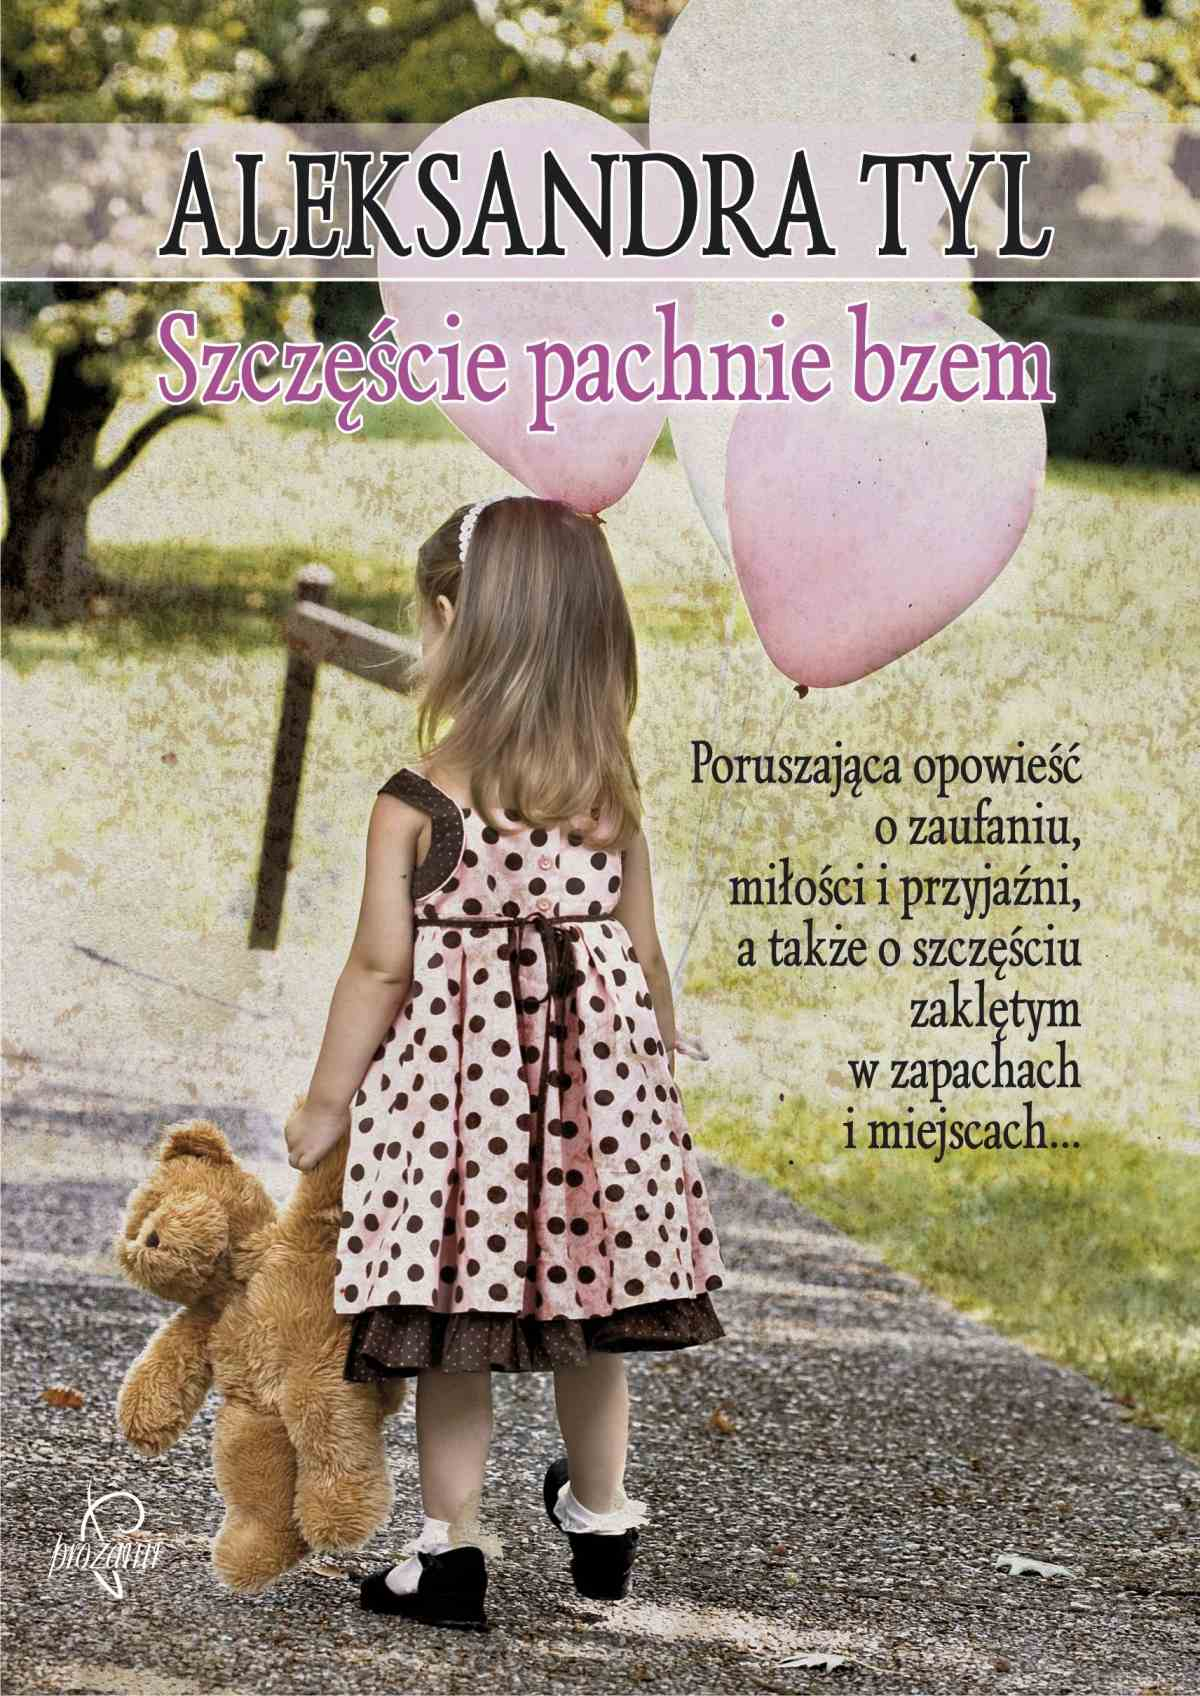 Szczęście pachnie bzem - Ebook (Książka EPUB) do pobrania w formacie EPUB